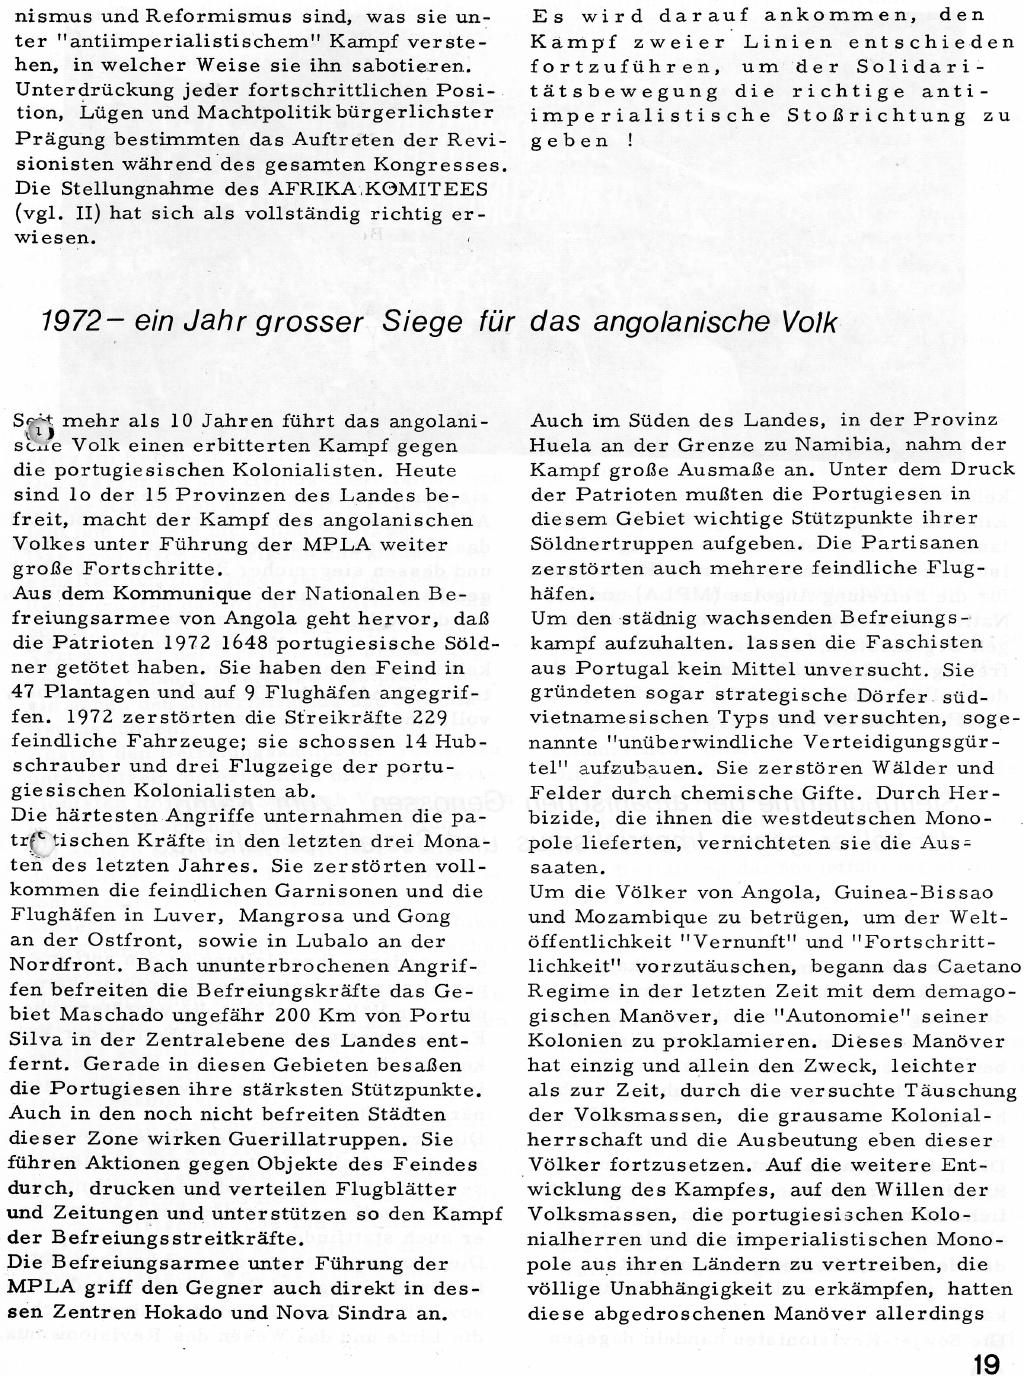 RPK_1973_003_004_19